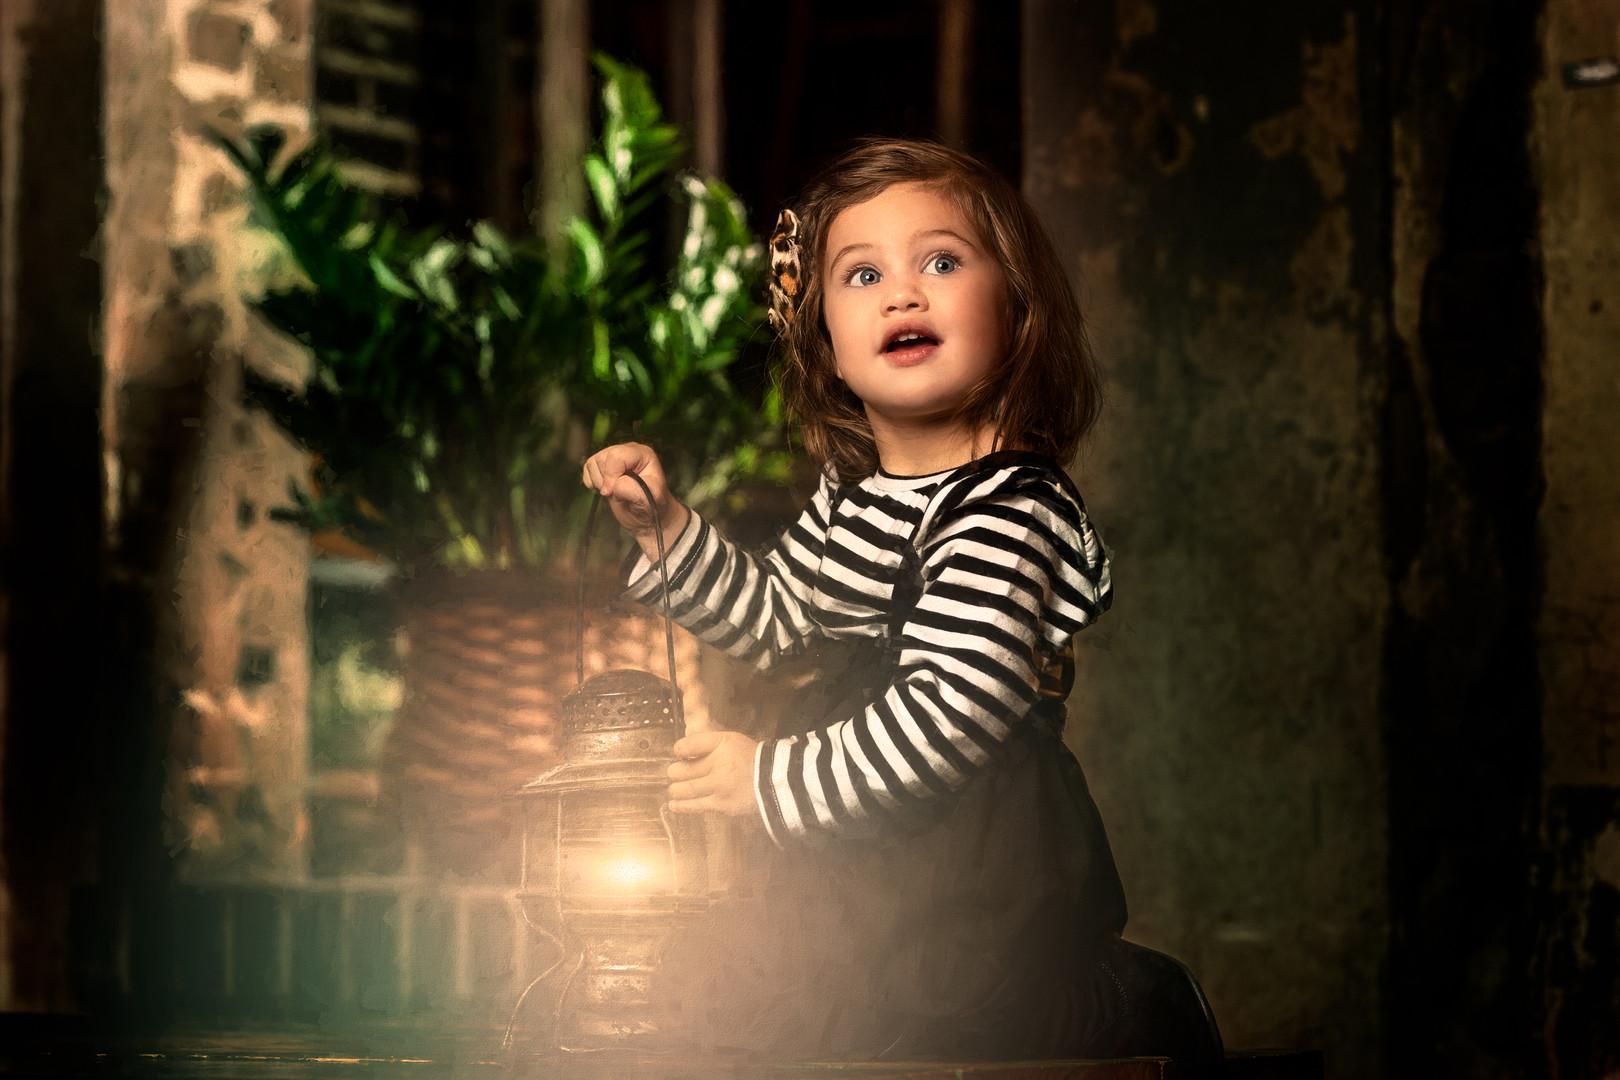 Toddler Photograph